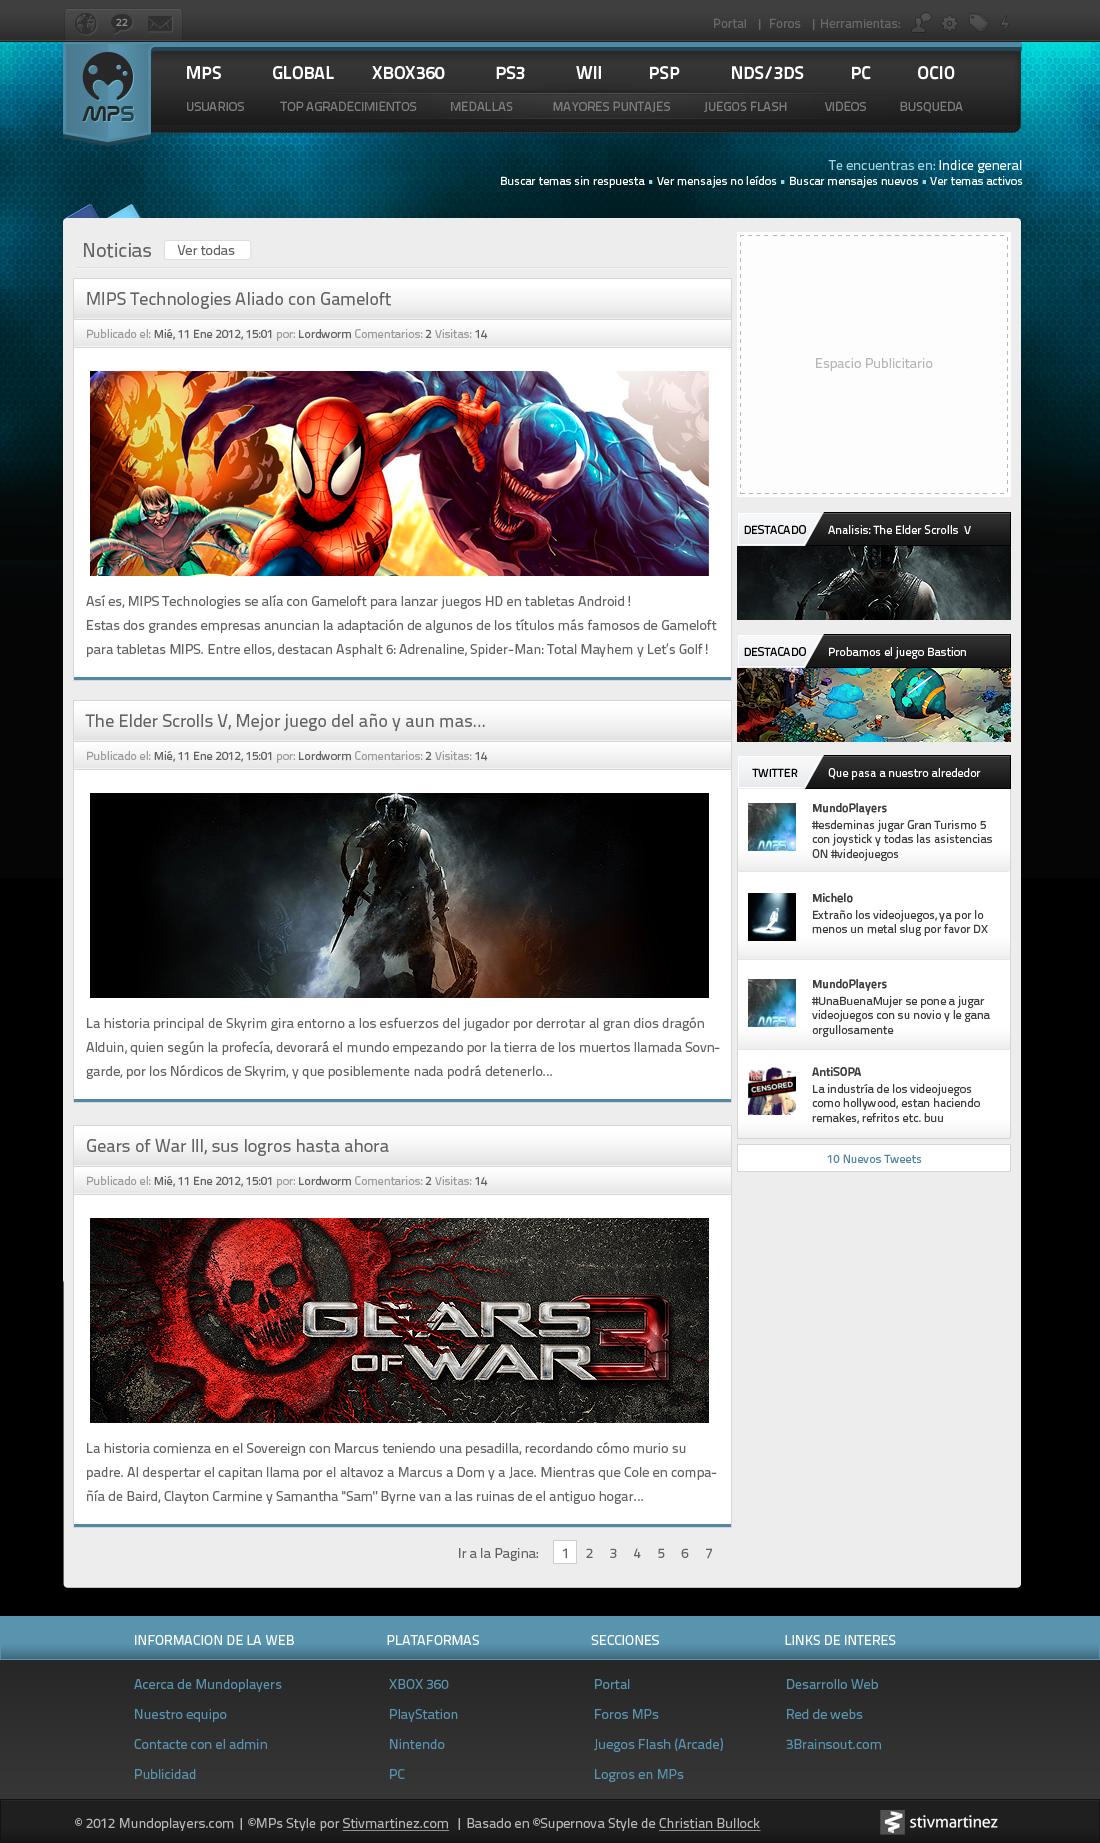 Mundoplayers v2.5 phpbb style by NEU7RAL